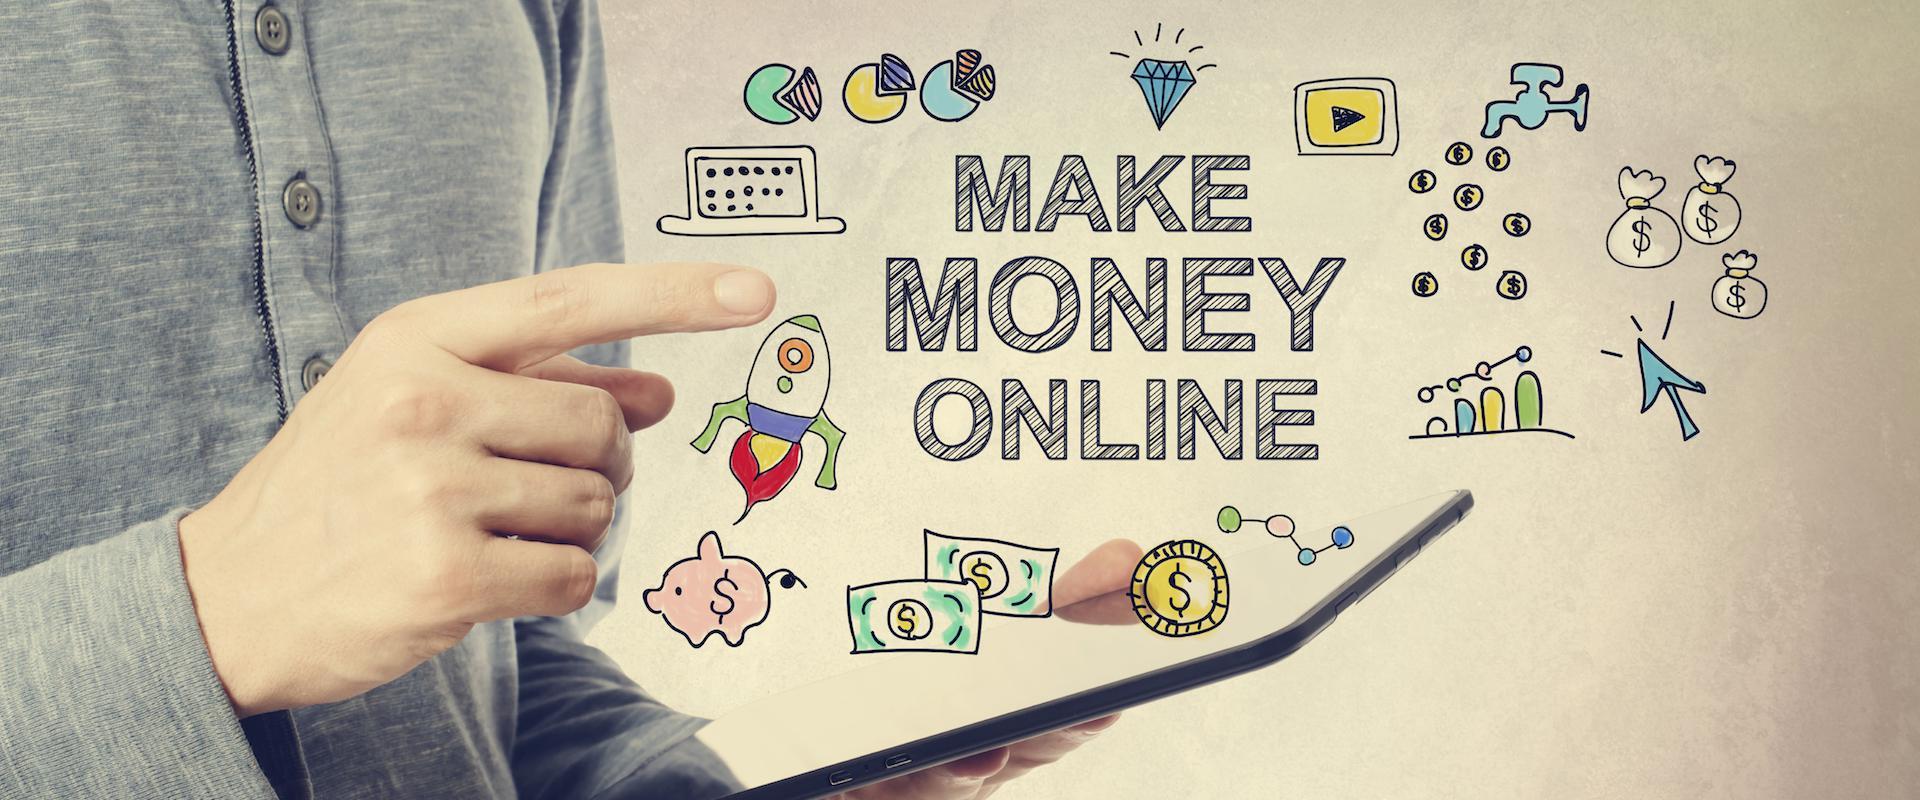 Boost in Online Revenue in 2017